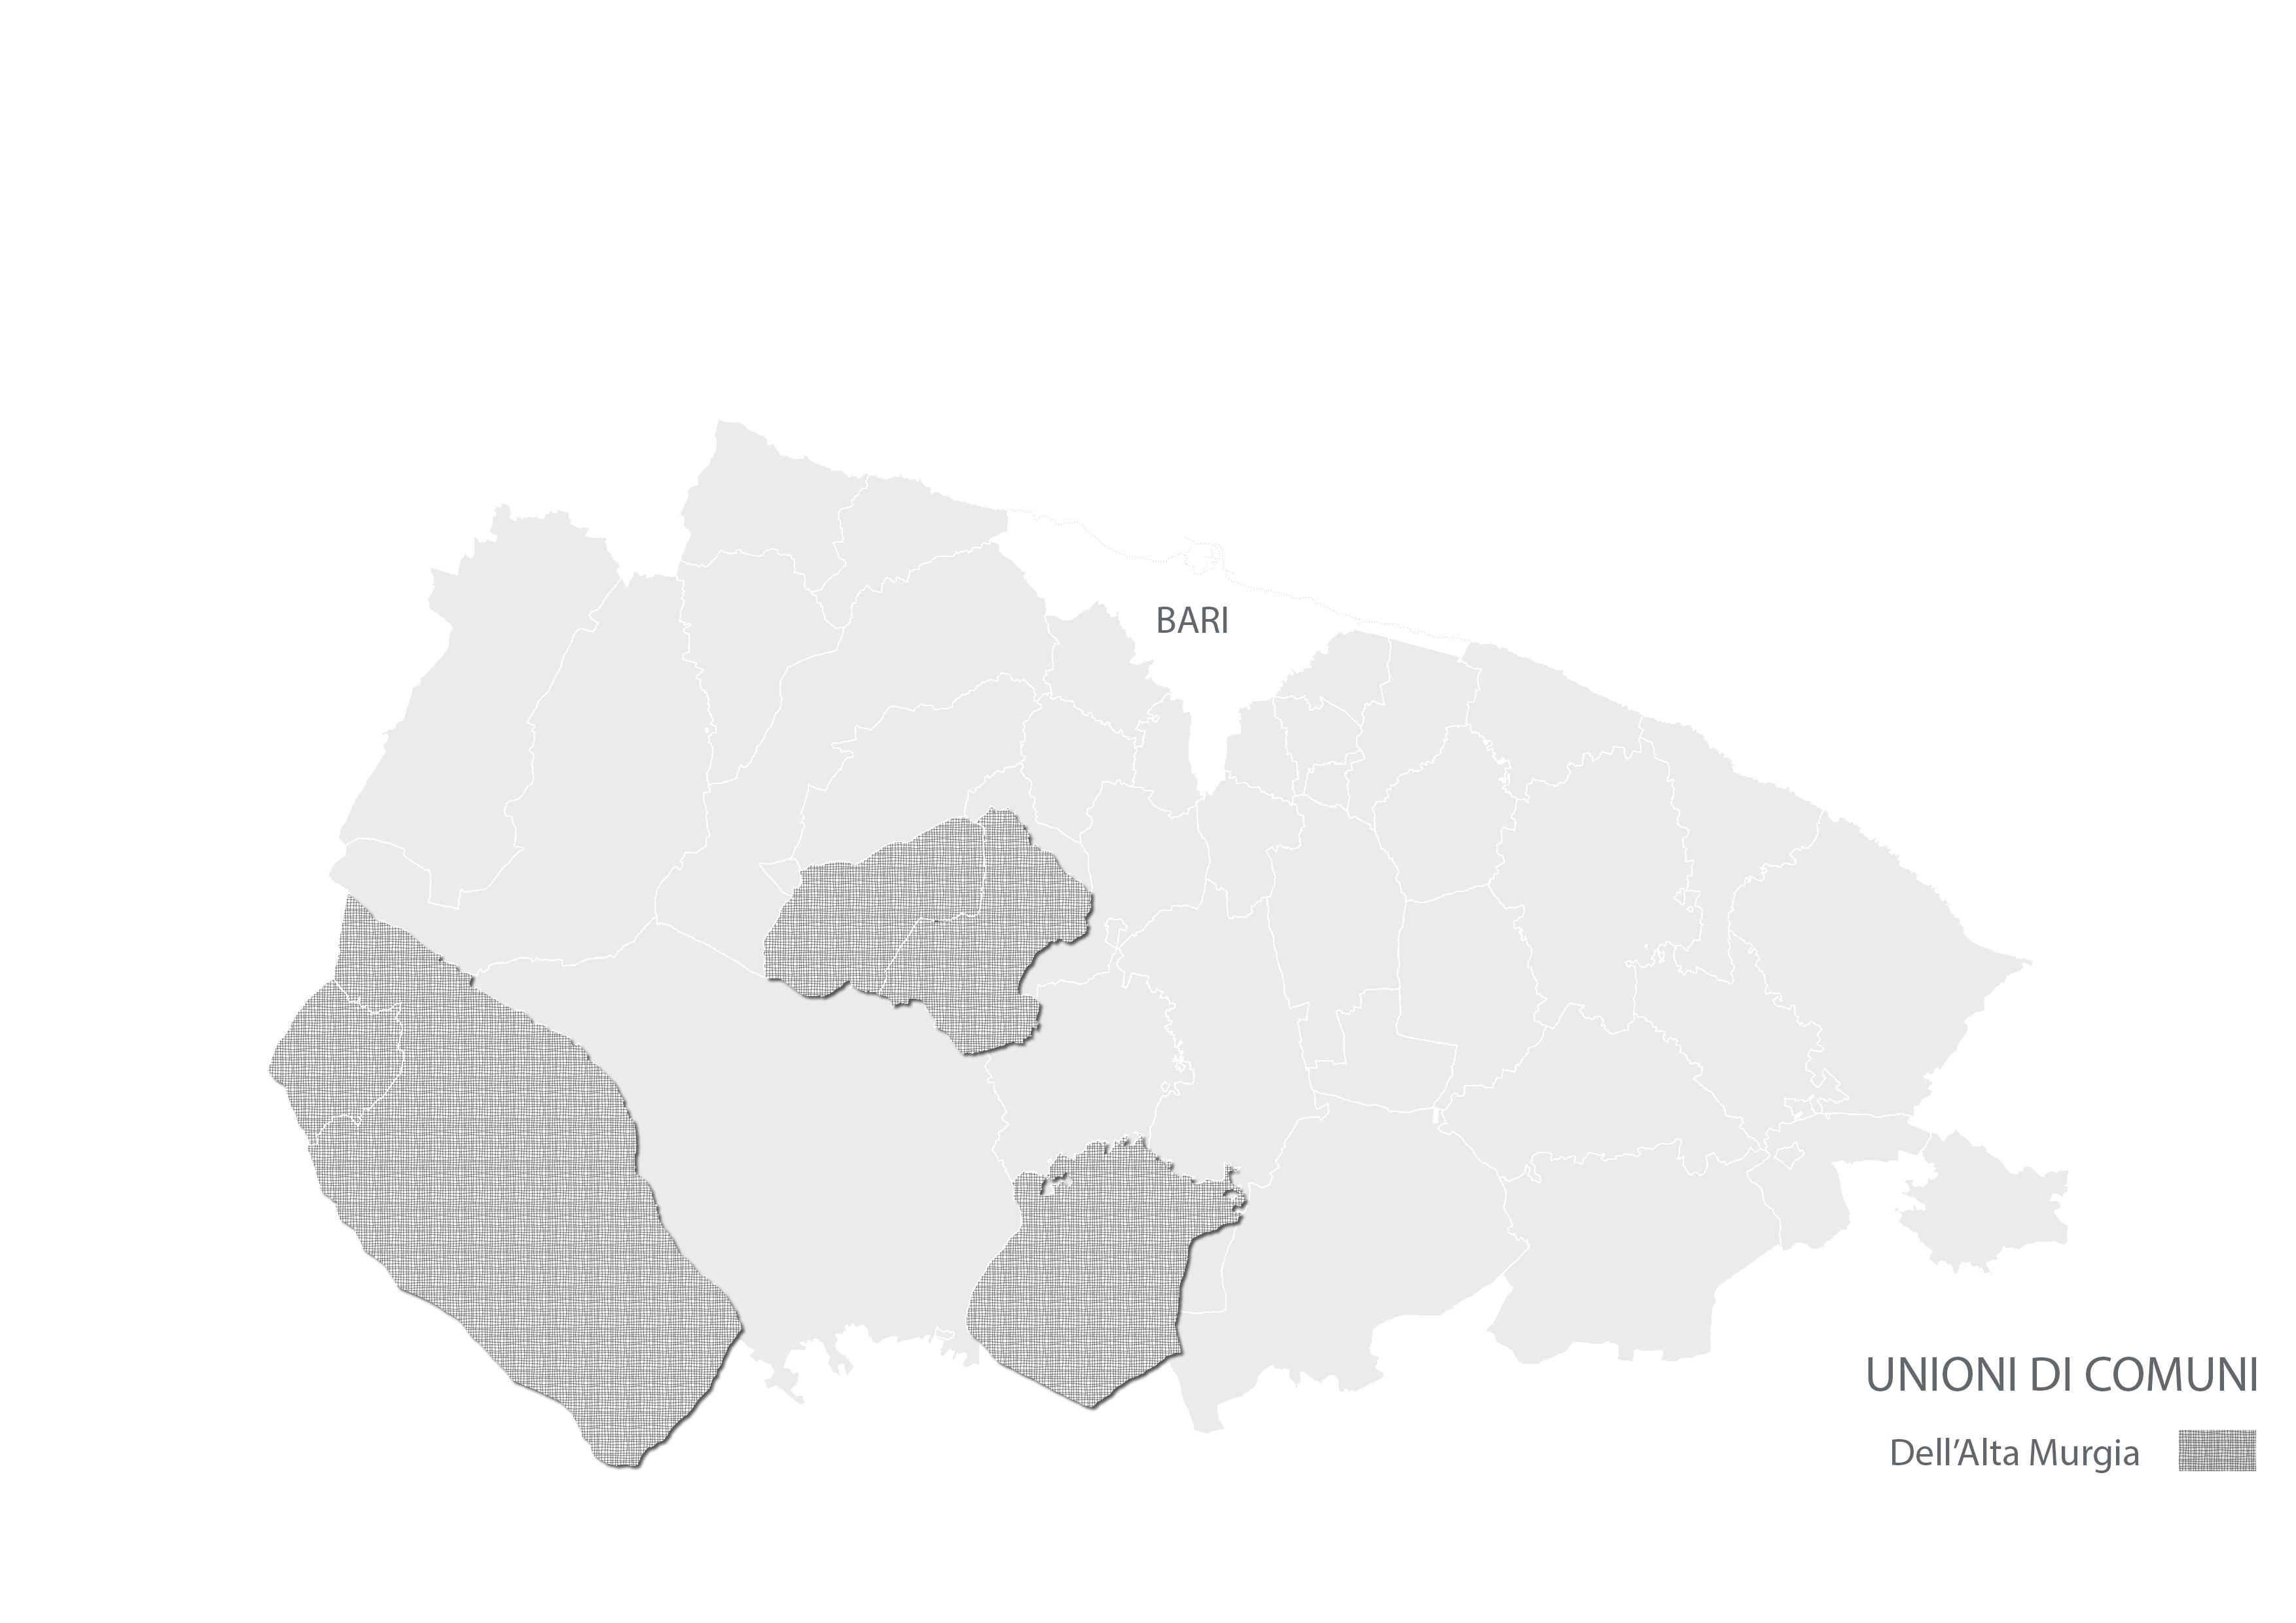 Città Metropolitana di Bari - Unioni di Comuni